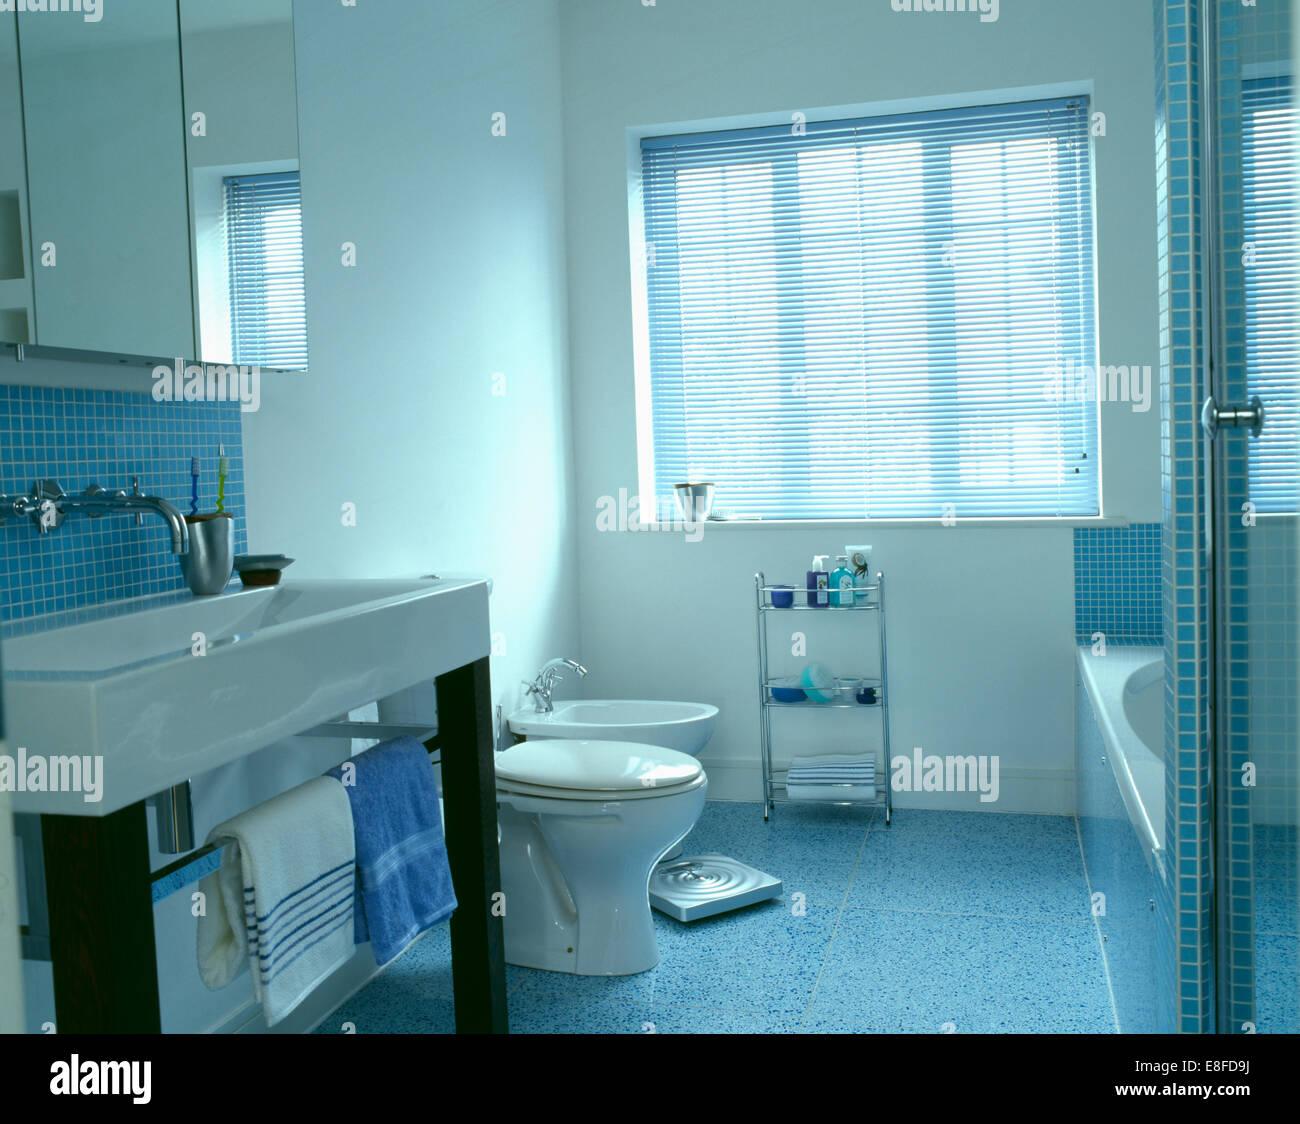 Store vénitien sur fenêtre dans salle de bains blanc moderne avec ...